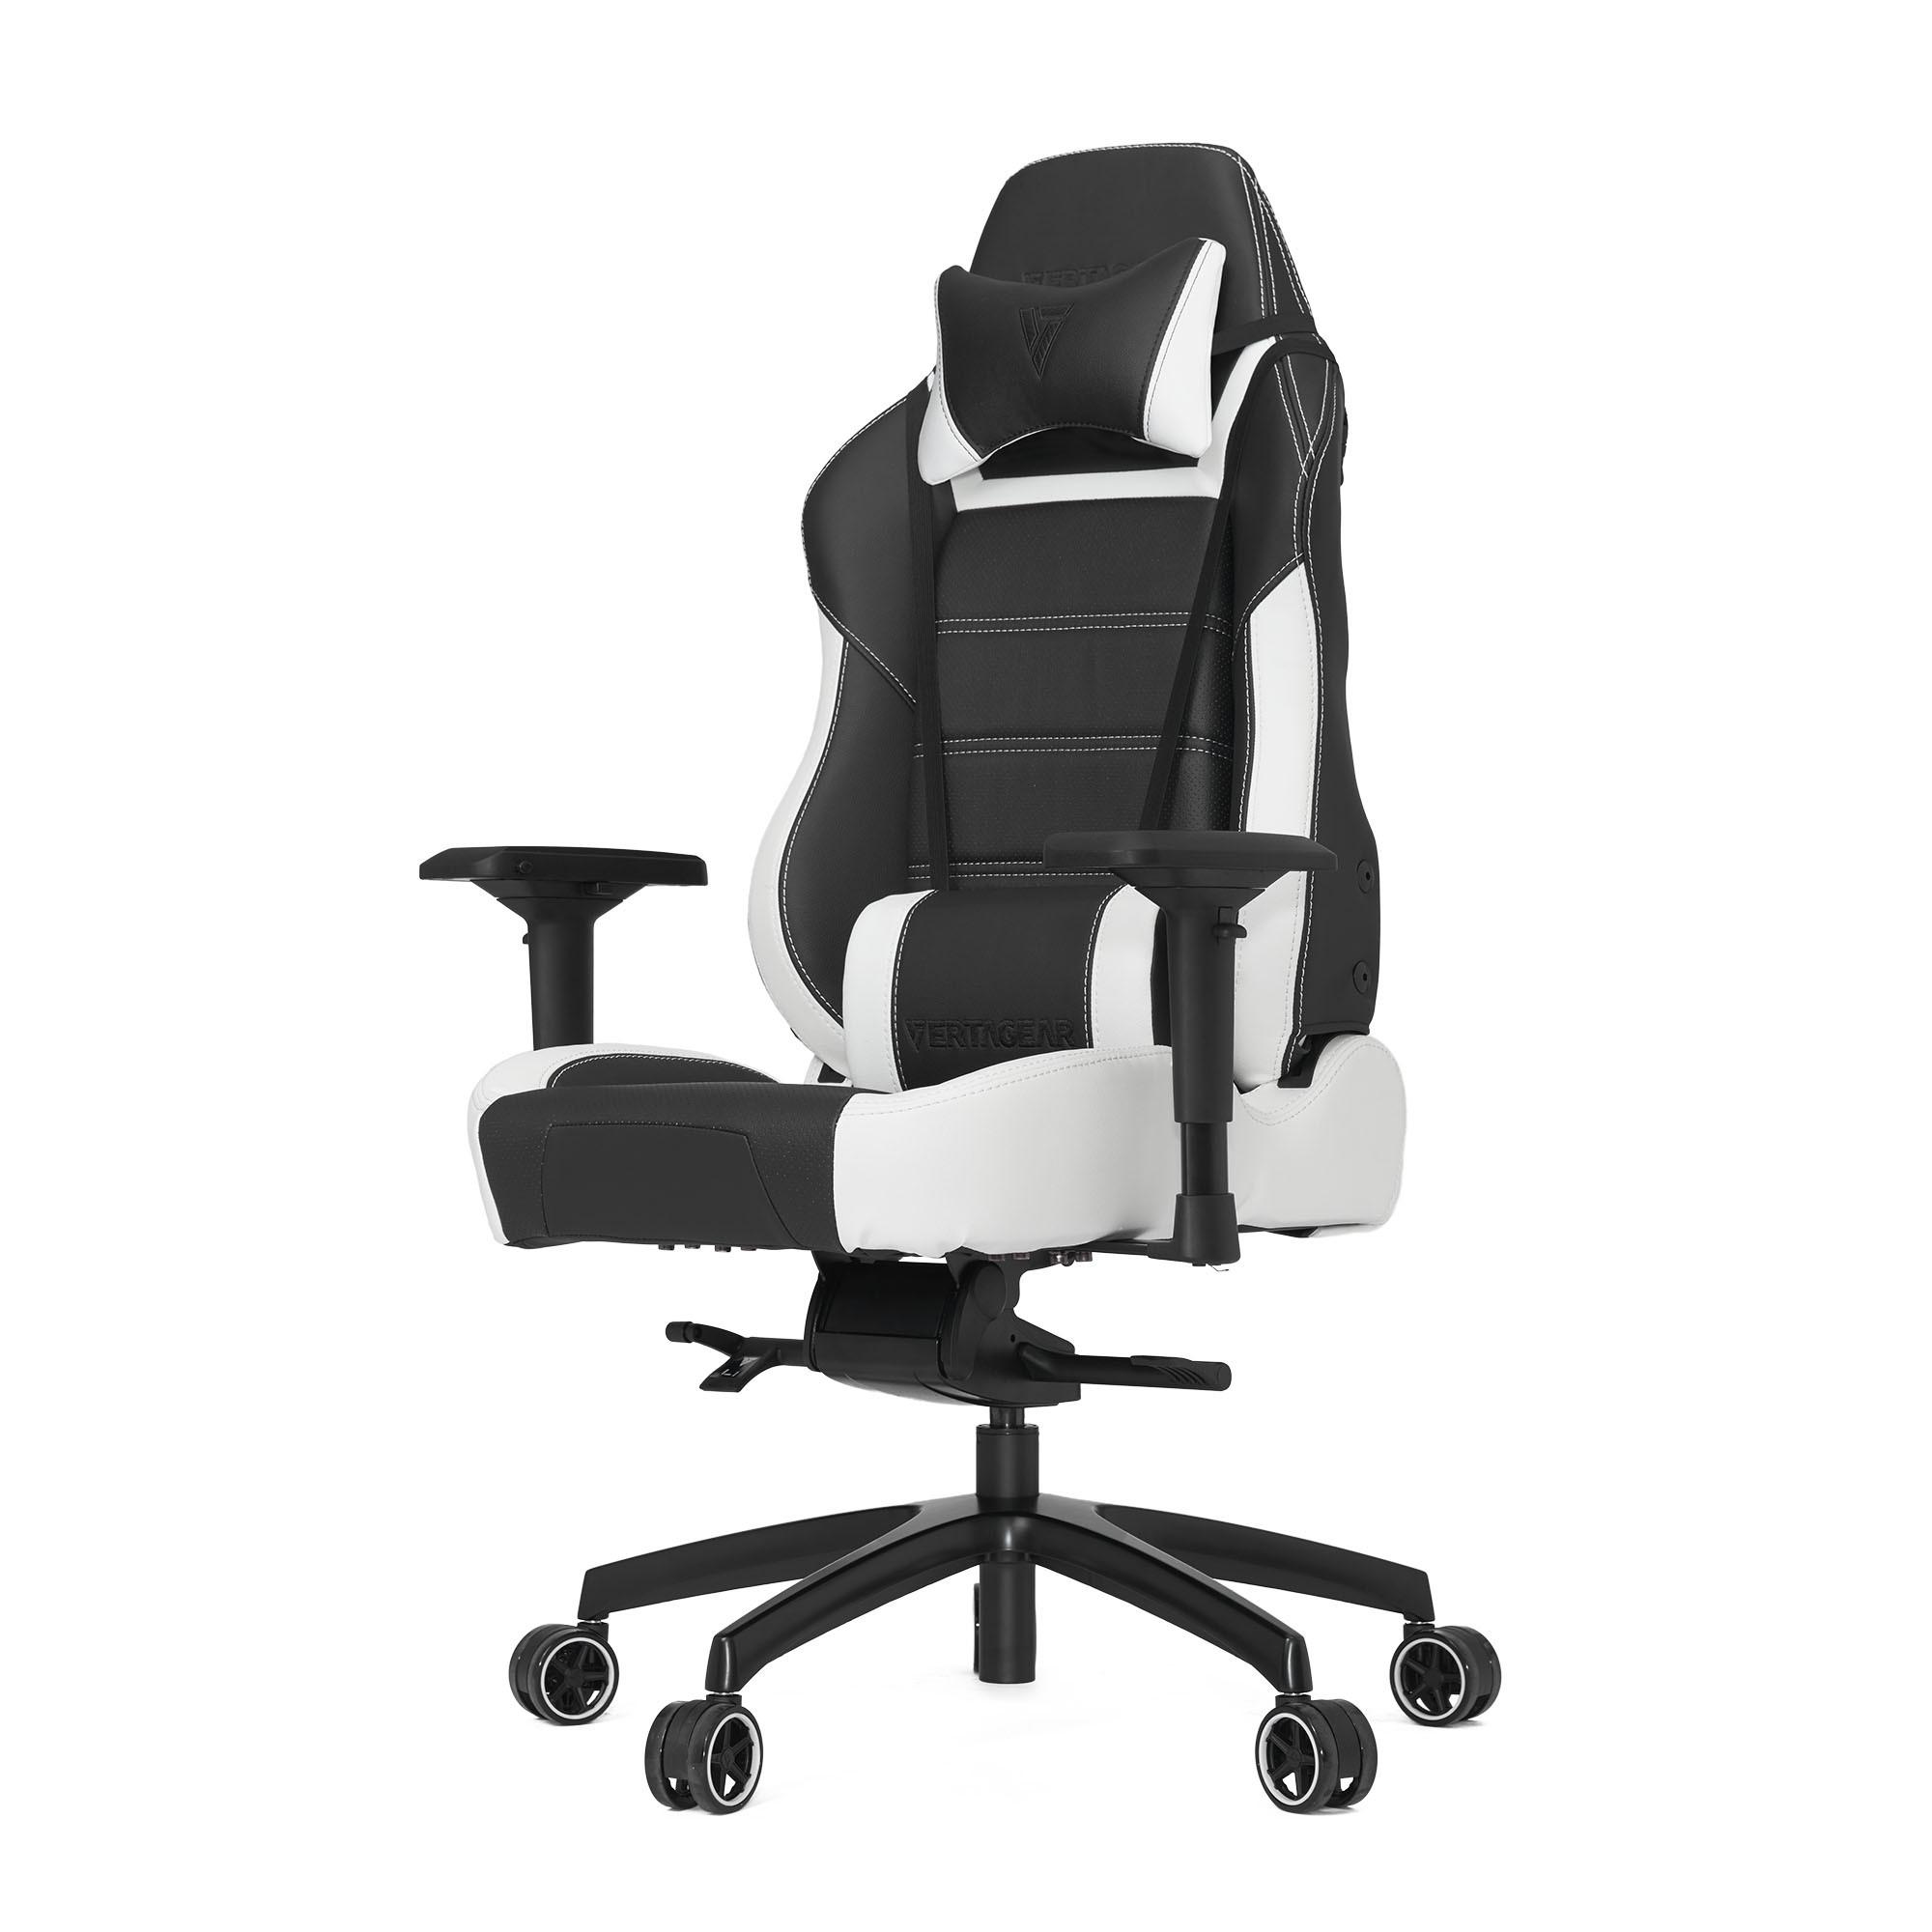 Профессиональное киберспортивное кресло Vertagear PL6000 черно-белоеVertagear PL-6000 игровое кресло, сфокусированное на предоставление дополнительного комфорта с более высоким сиденьем и подголовником для поддержки более крупных и широких пользователей.&#13;<br>&#13;<br>Vertagear PL-6000 поддерживают пользователей вплоть до 200 кг в весе. используя инновационую сверхмощную раму основания с возможностью легкого доступа к механизму наклона / качания.<br>